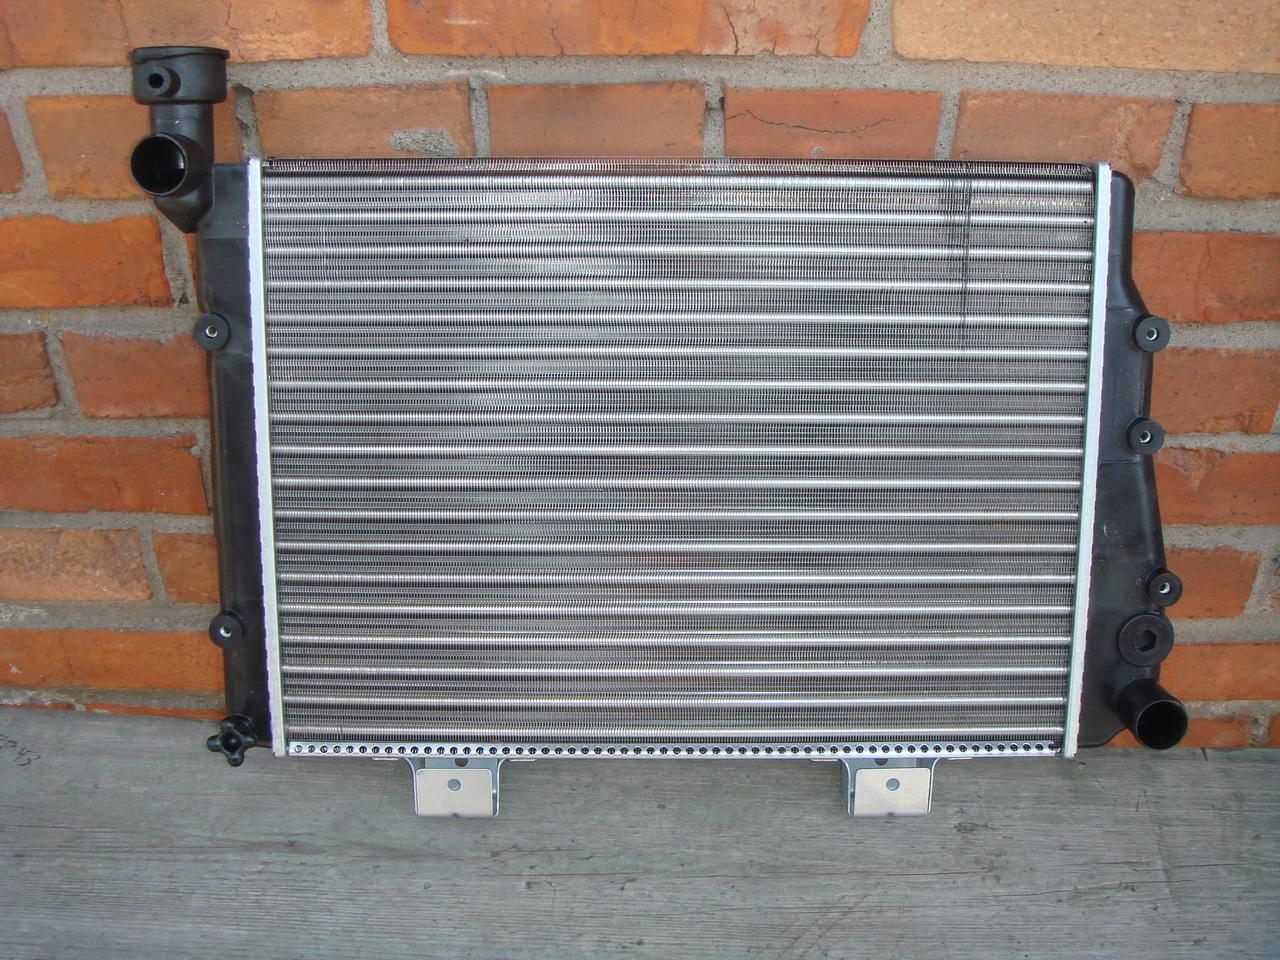 сколько стоит радиатор охлаждения на ваз 2109 карбюратор